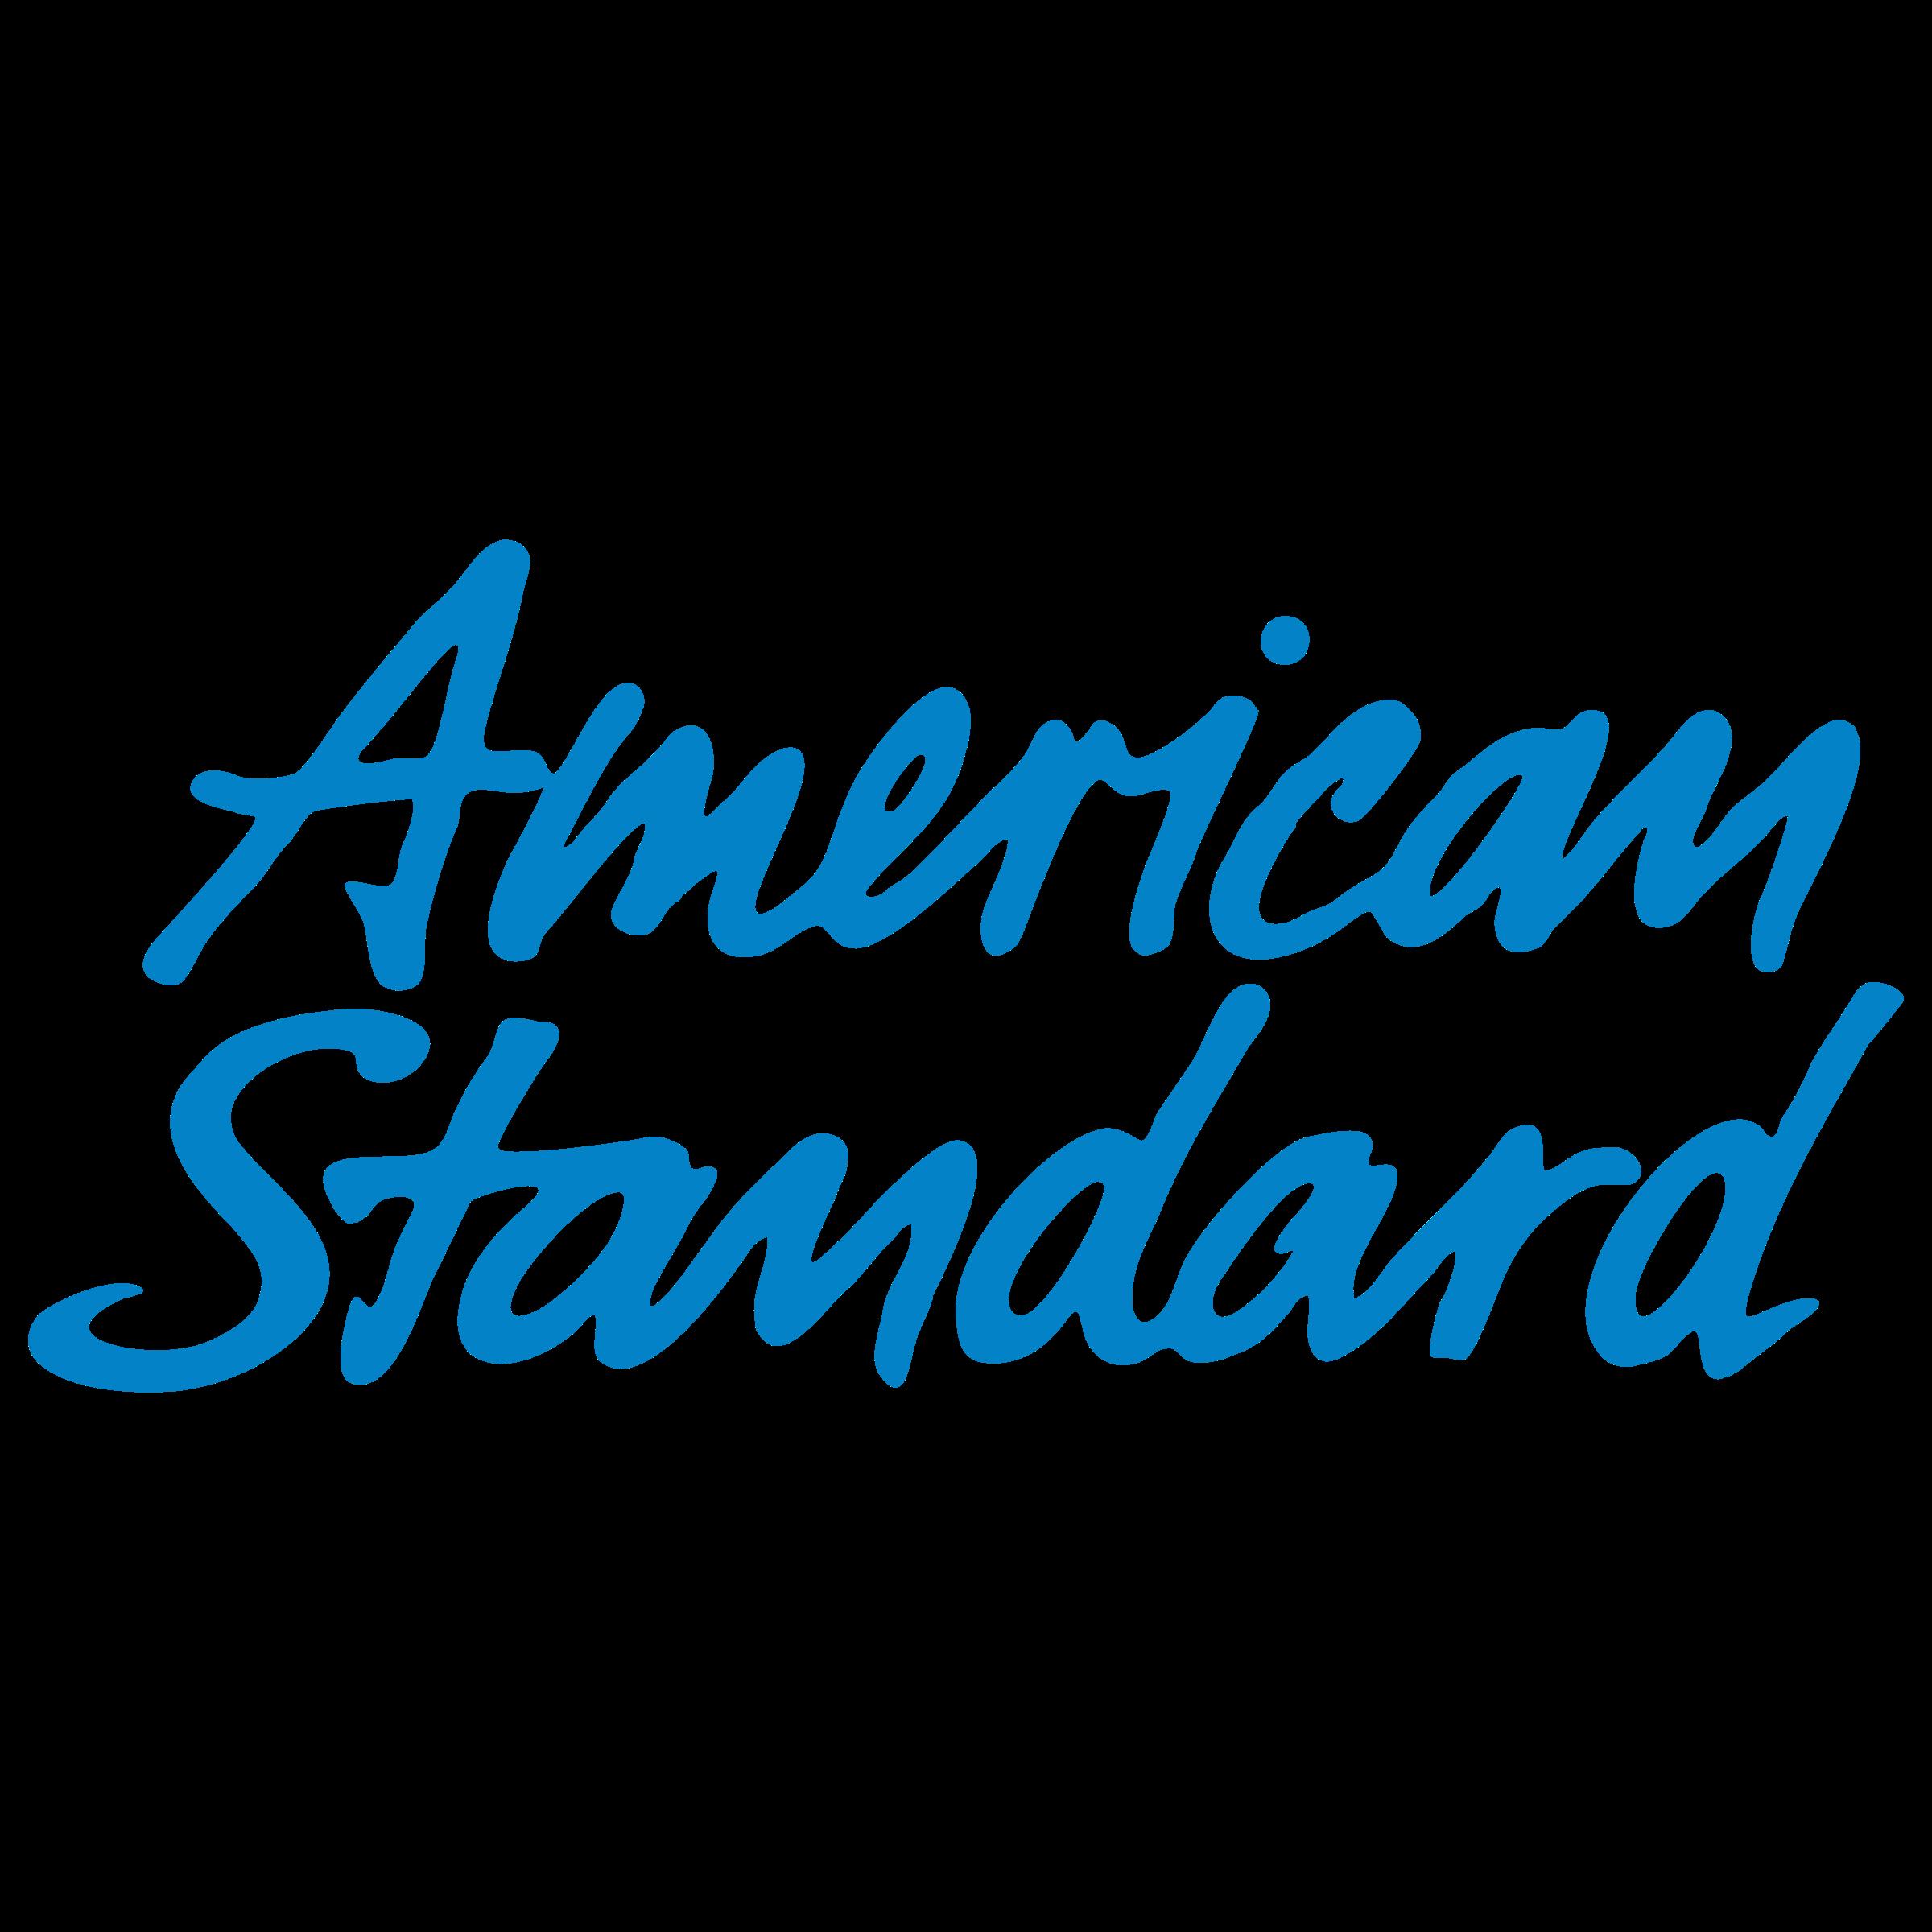 American Standard 02 Logo PNG Transparent & SVG Vector.